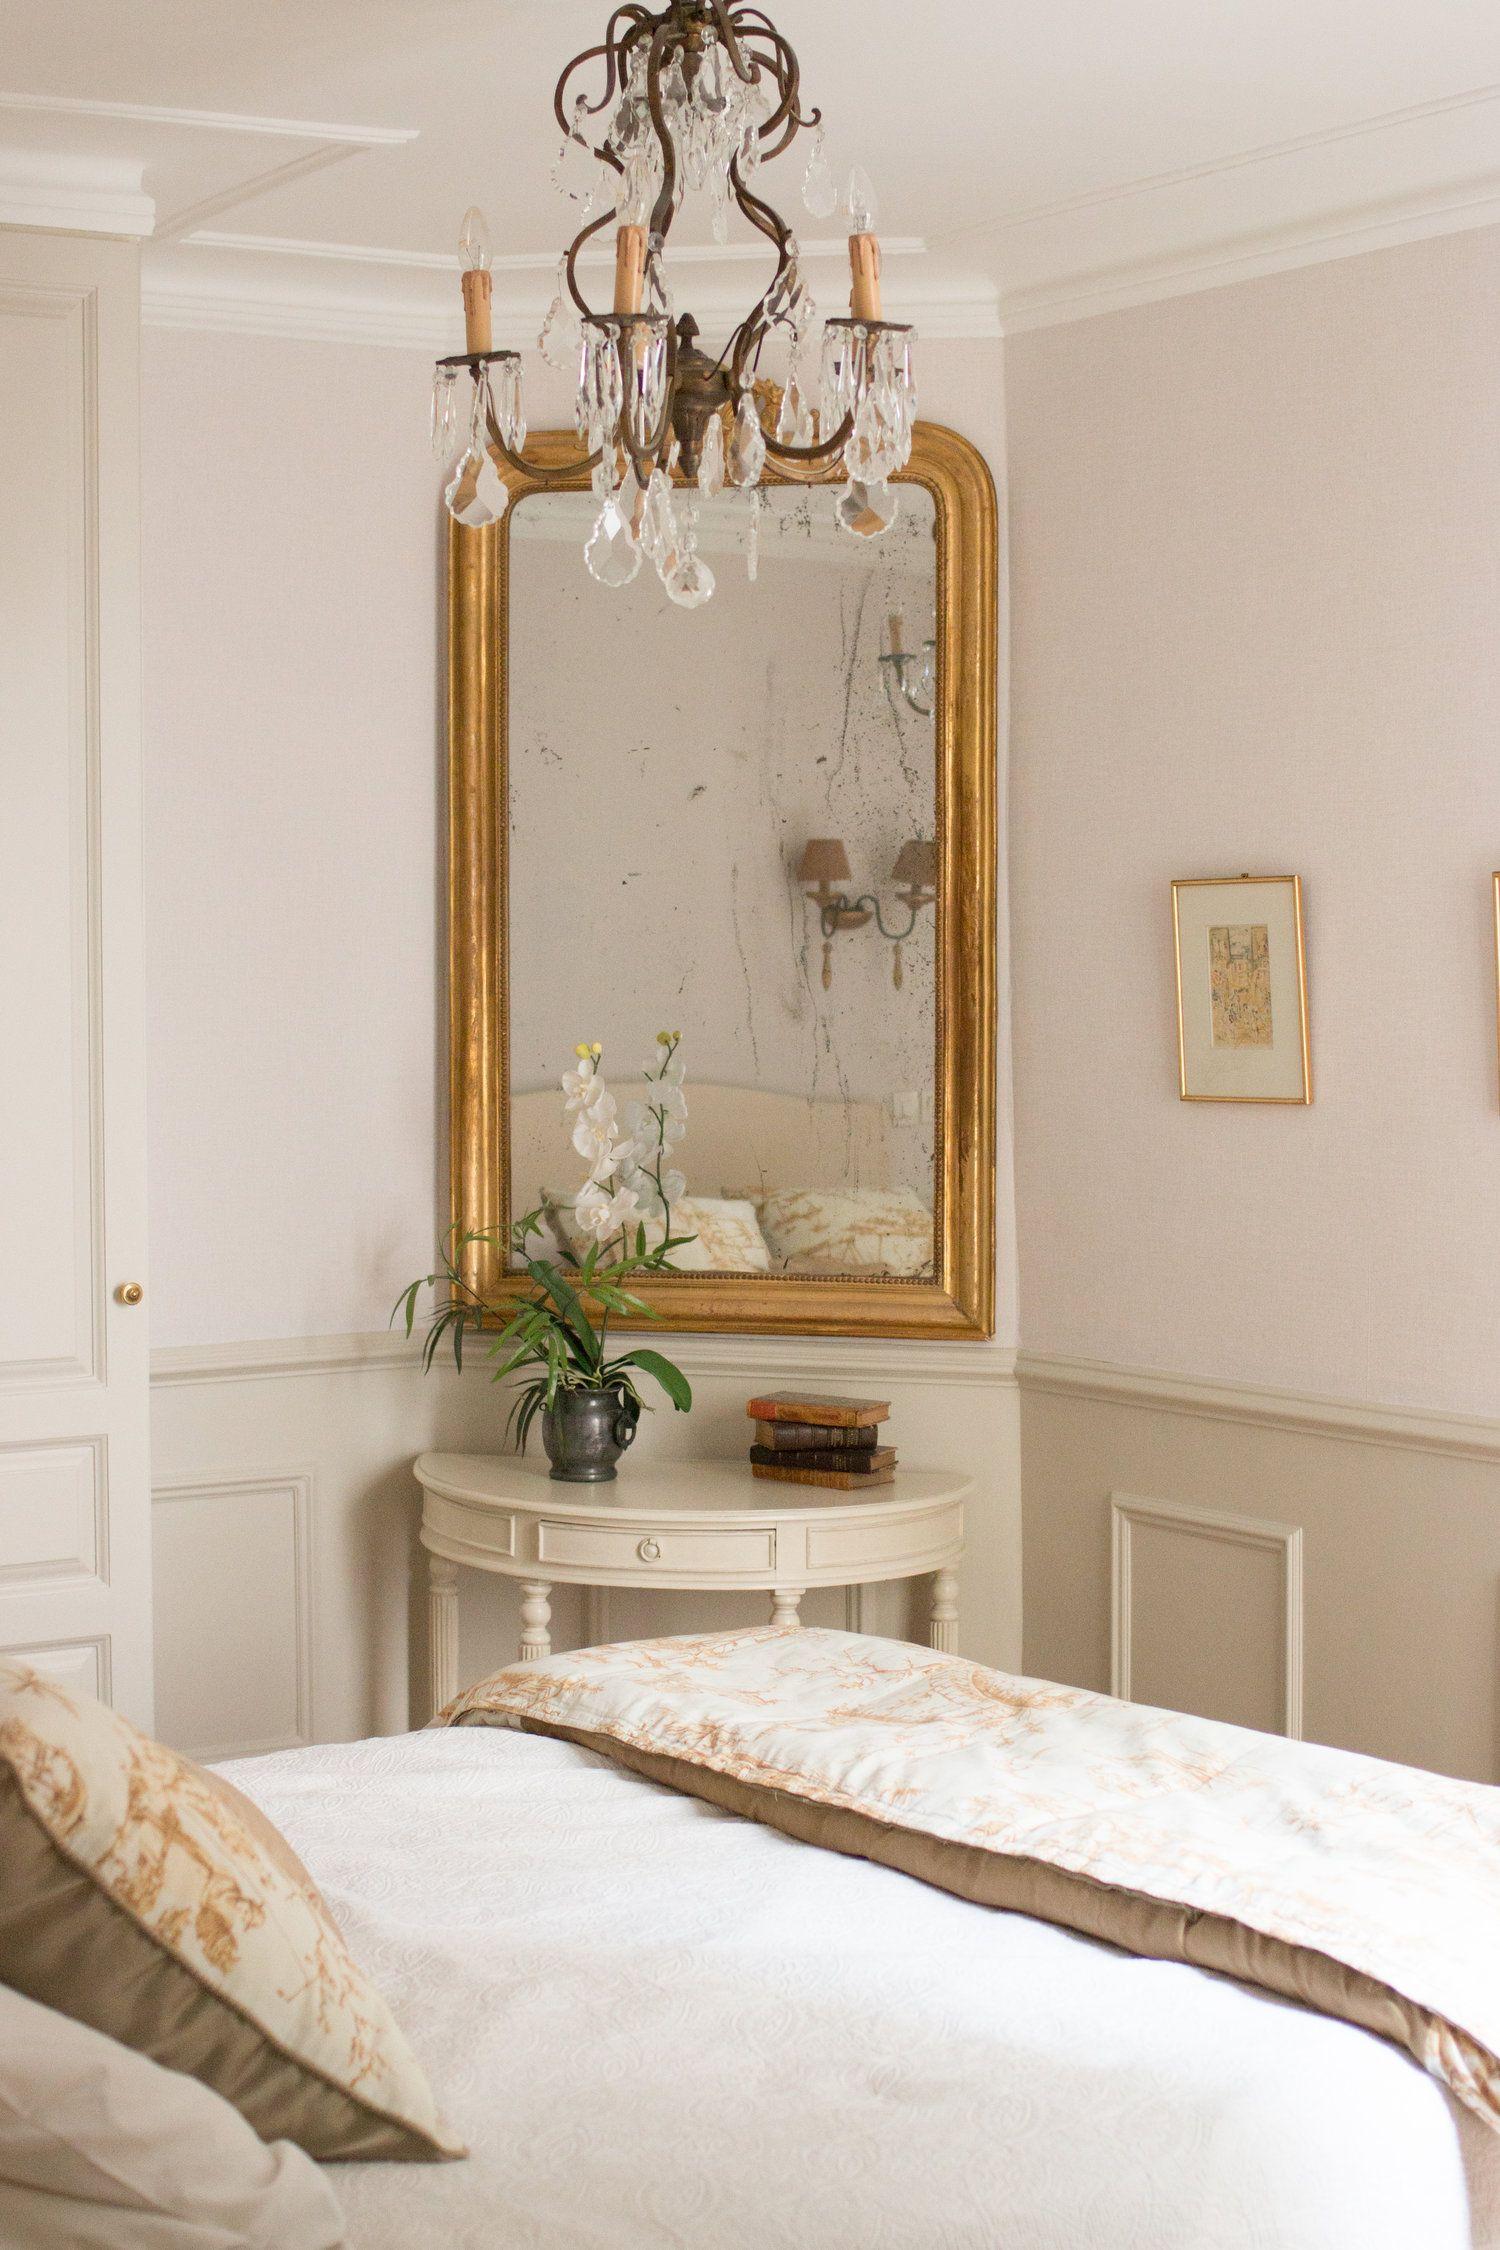 15 ý tưởng màu sắc phòng ngủ theo phong cách cổ điển ngọt ngào - Ảnh 15.